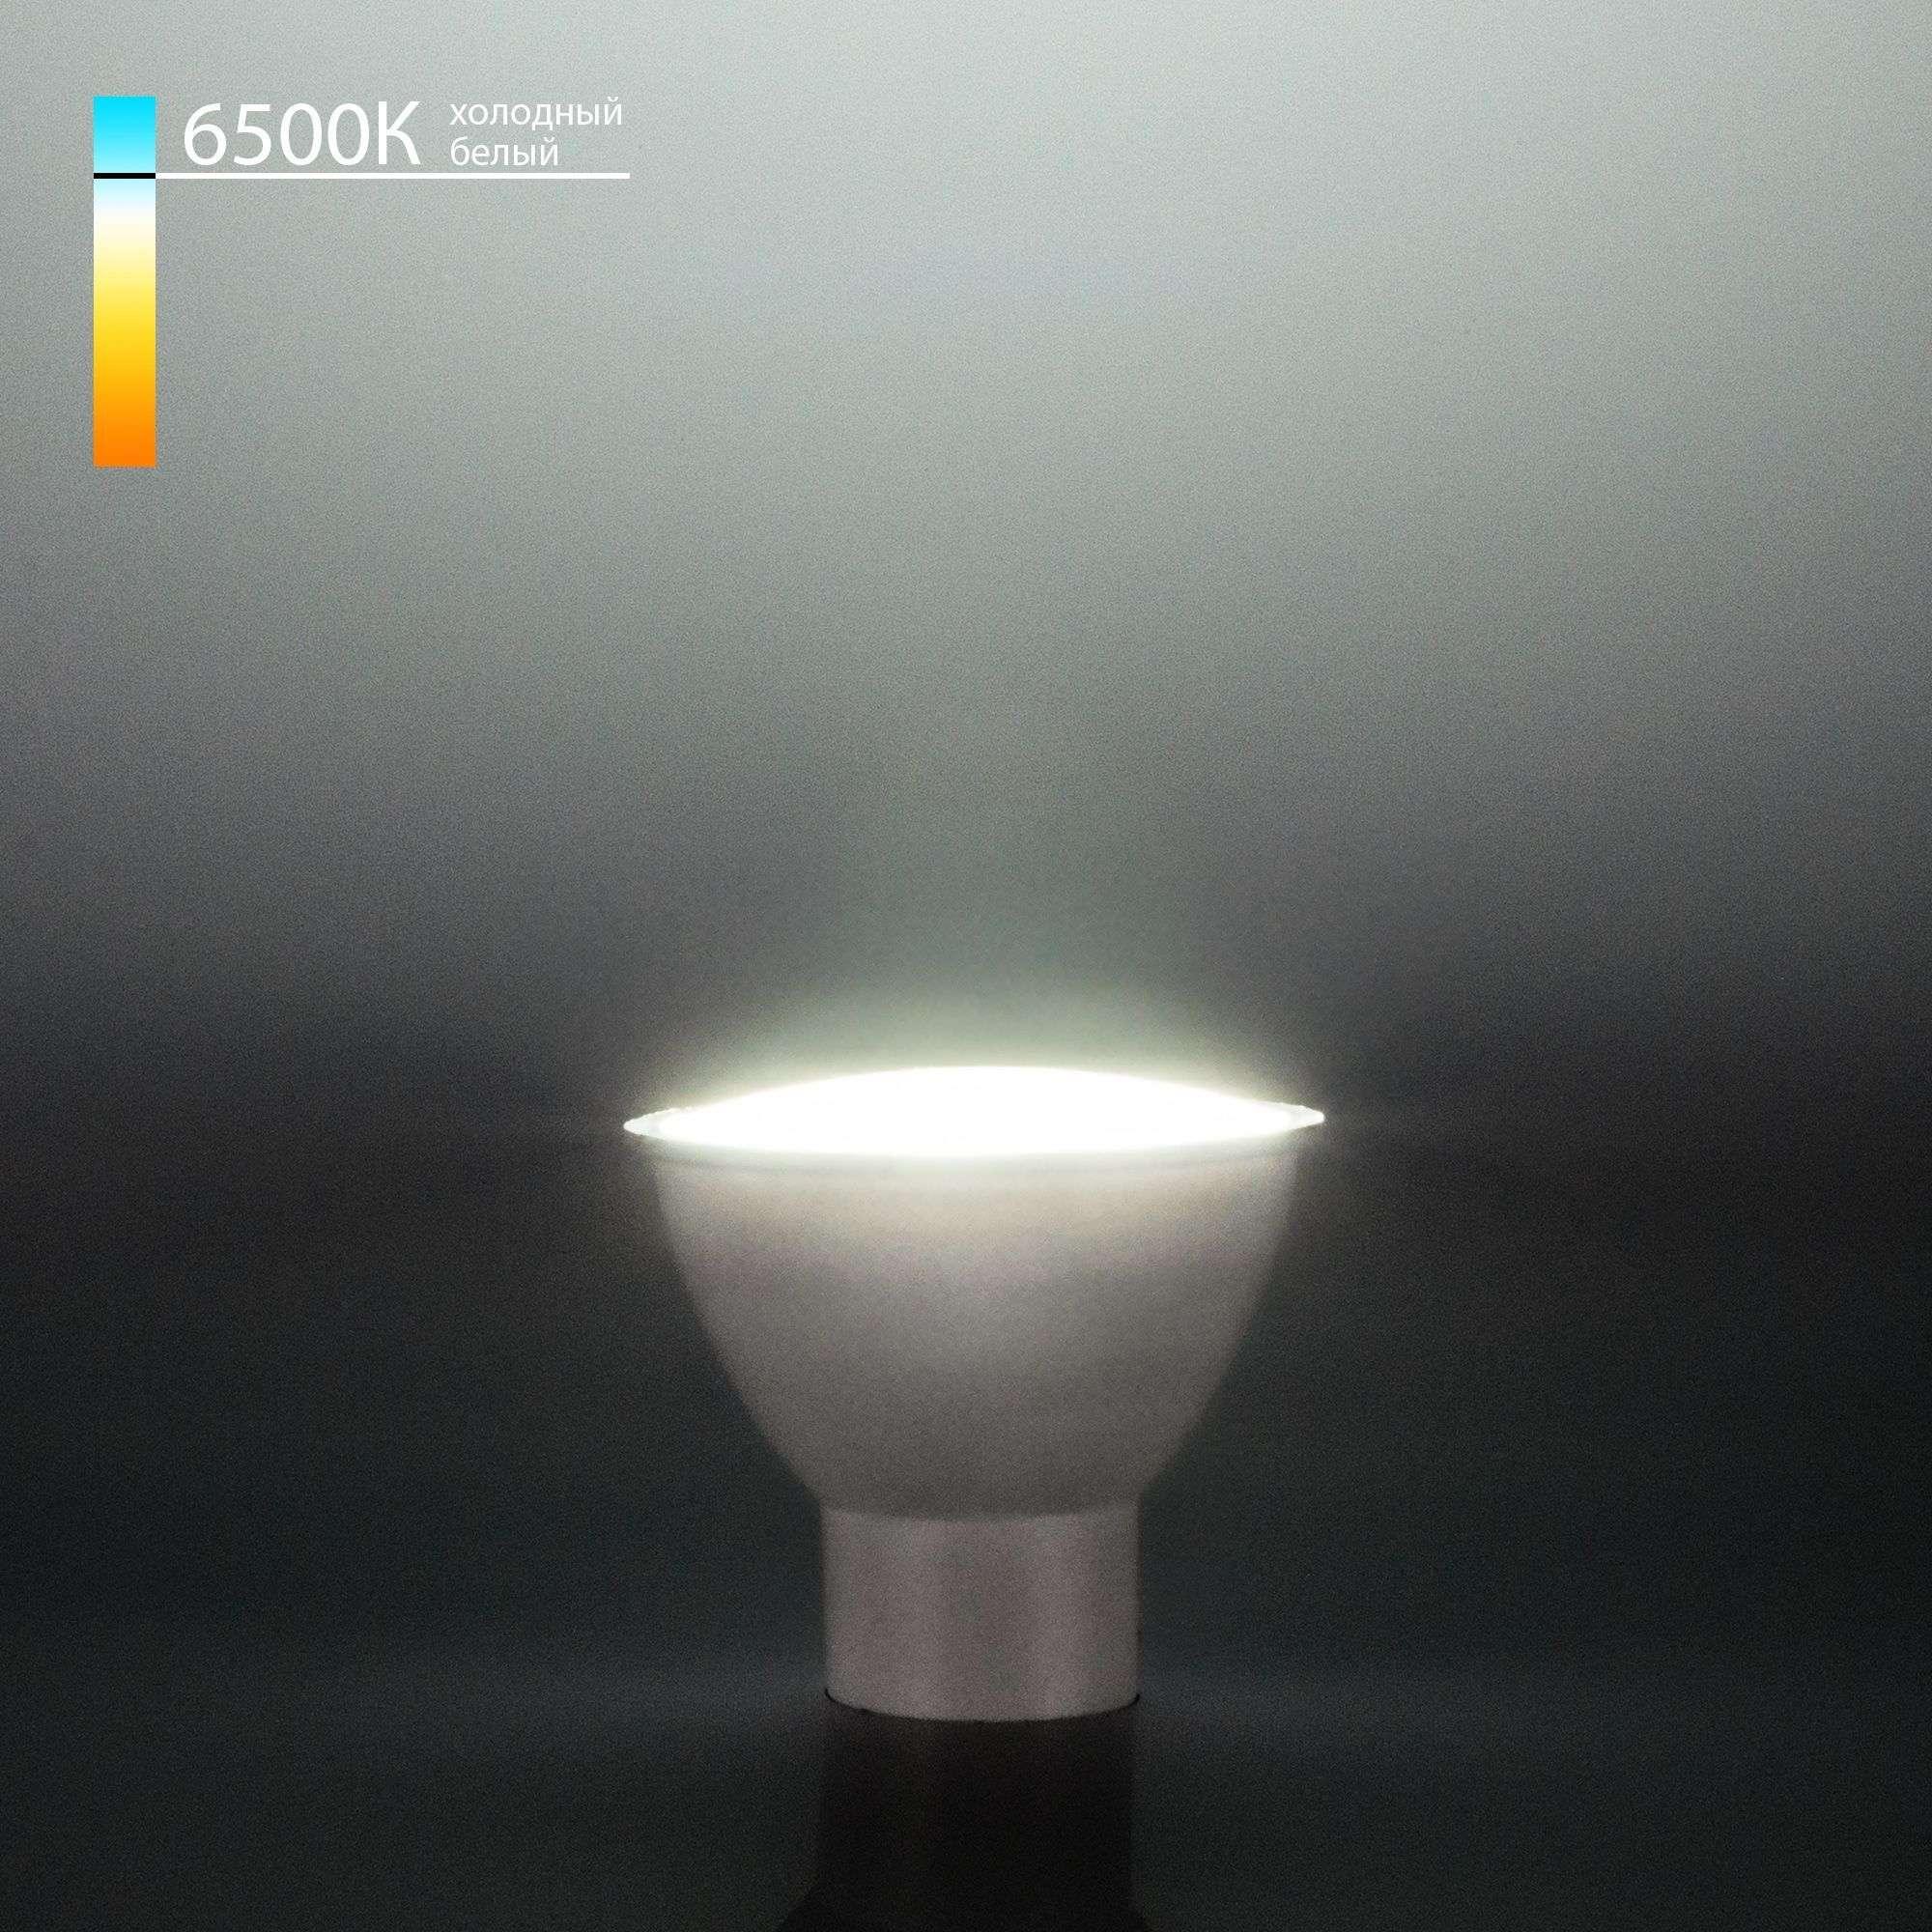 Светодиодная лампа JCDR 9W 6500K GU10 GU10 LED 9W 6500K